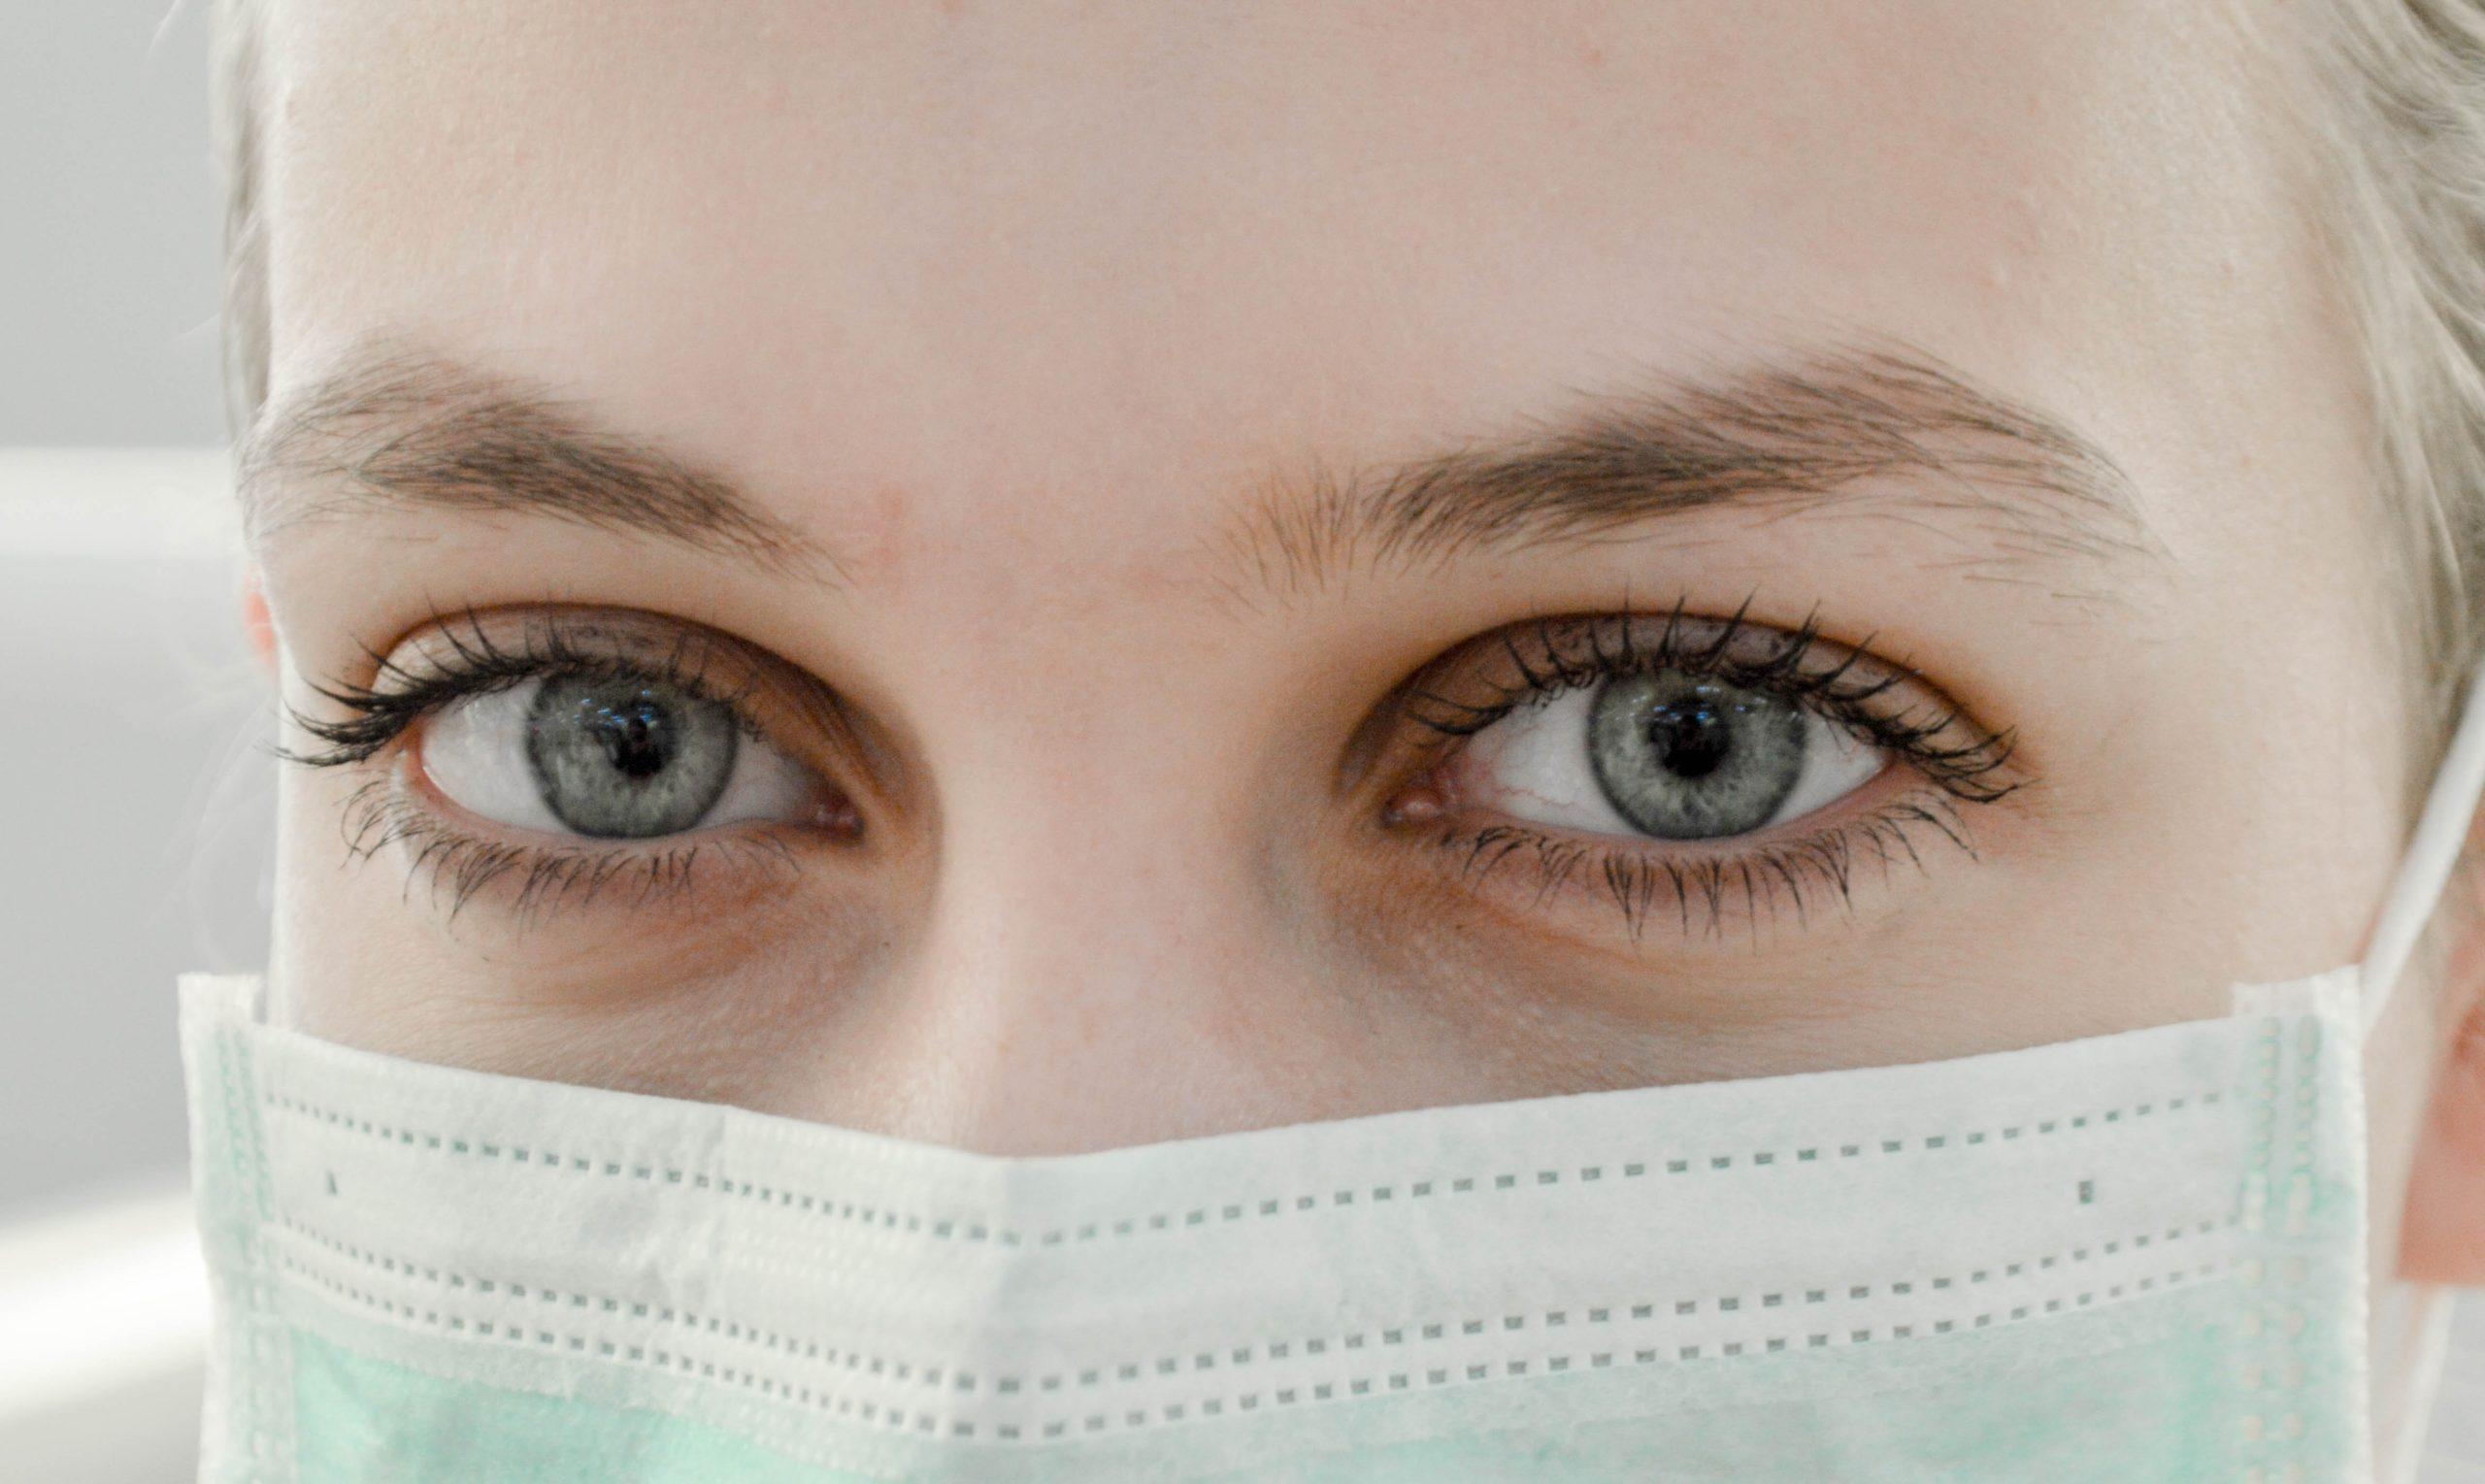 Visage couvert par un masque